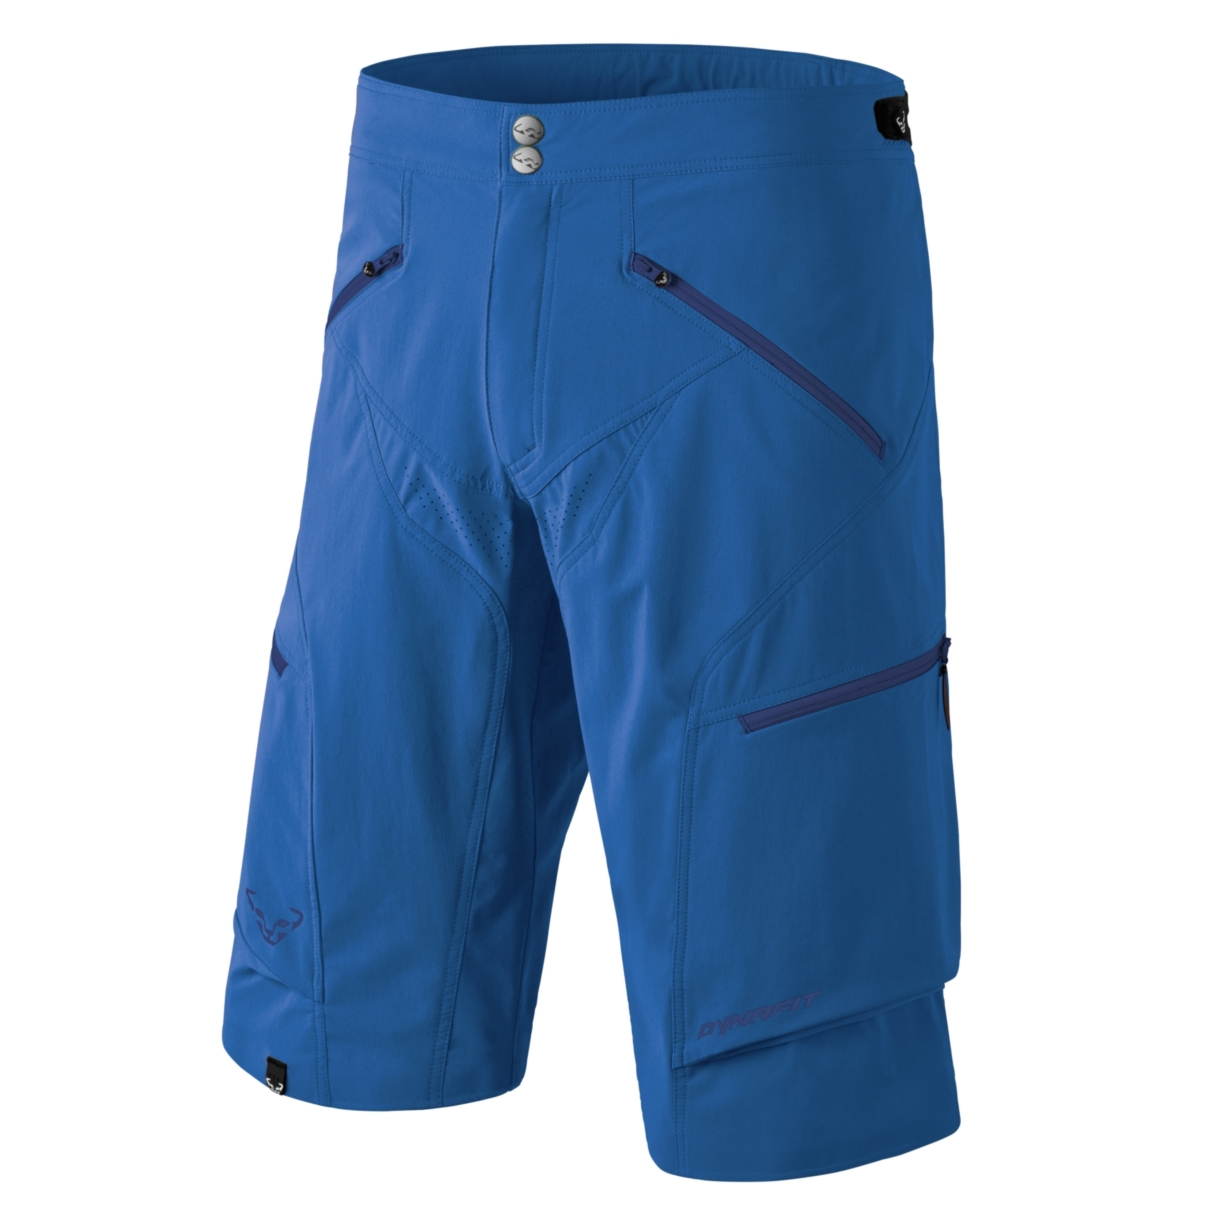 NEW Dynafit TRAVERSE Durastretch SoftShell Blau  Herren Small Hiking Shorts Ret130